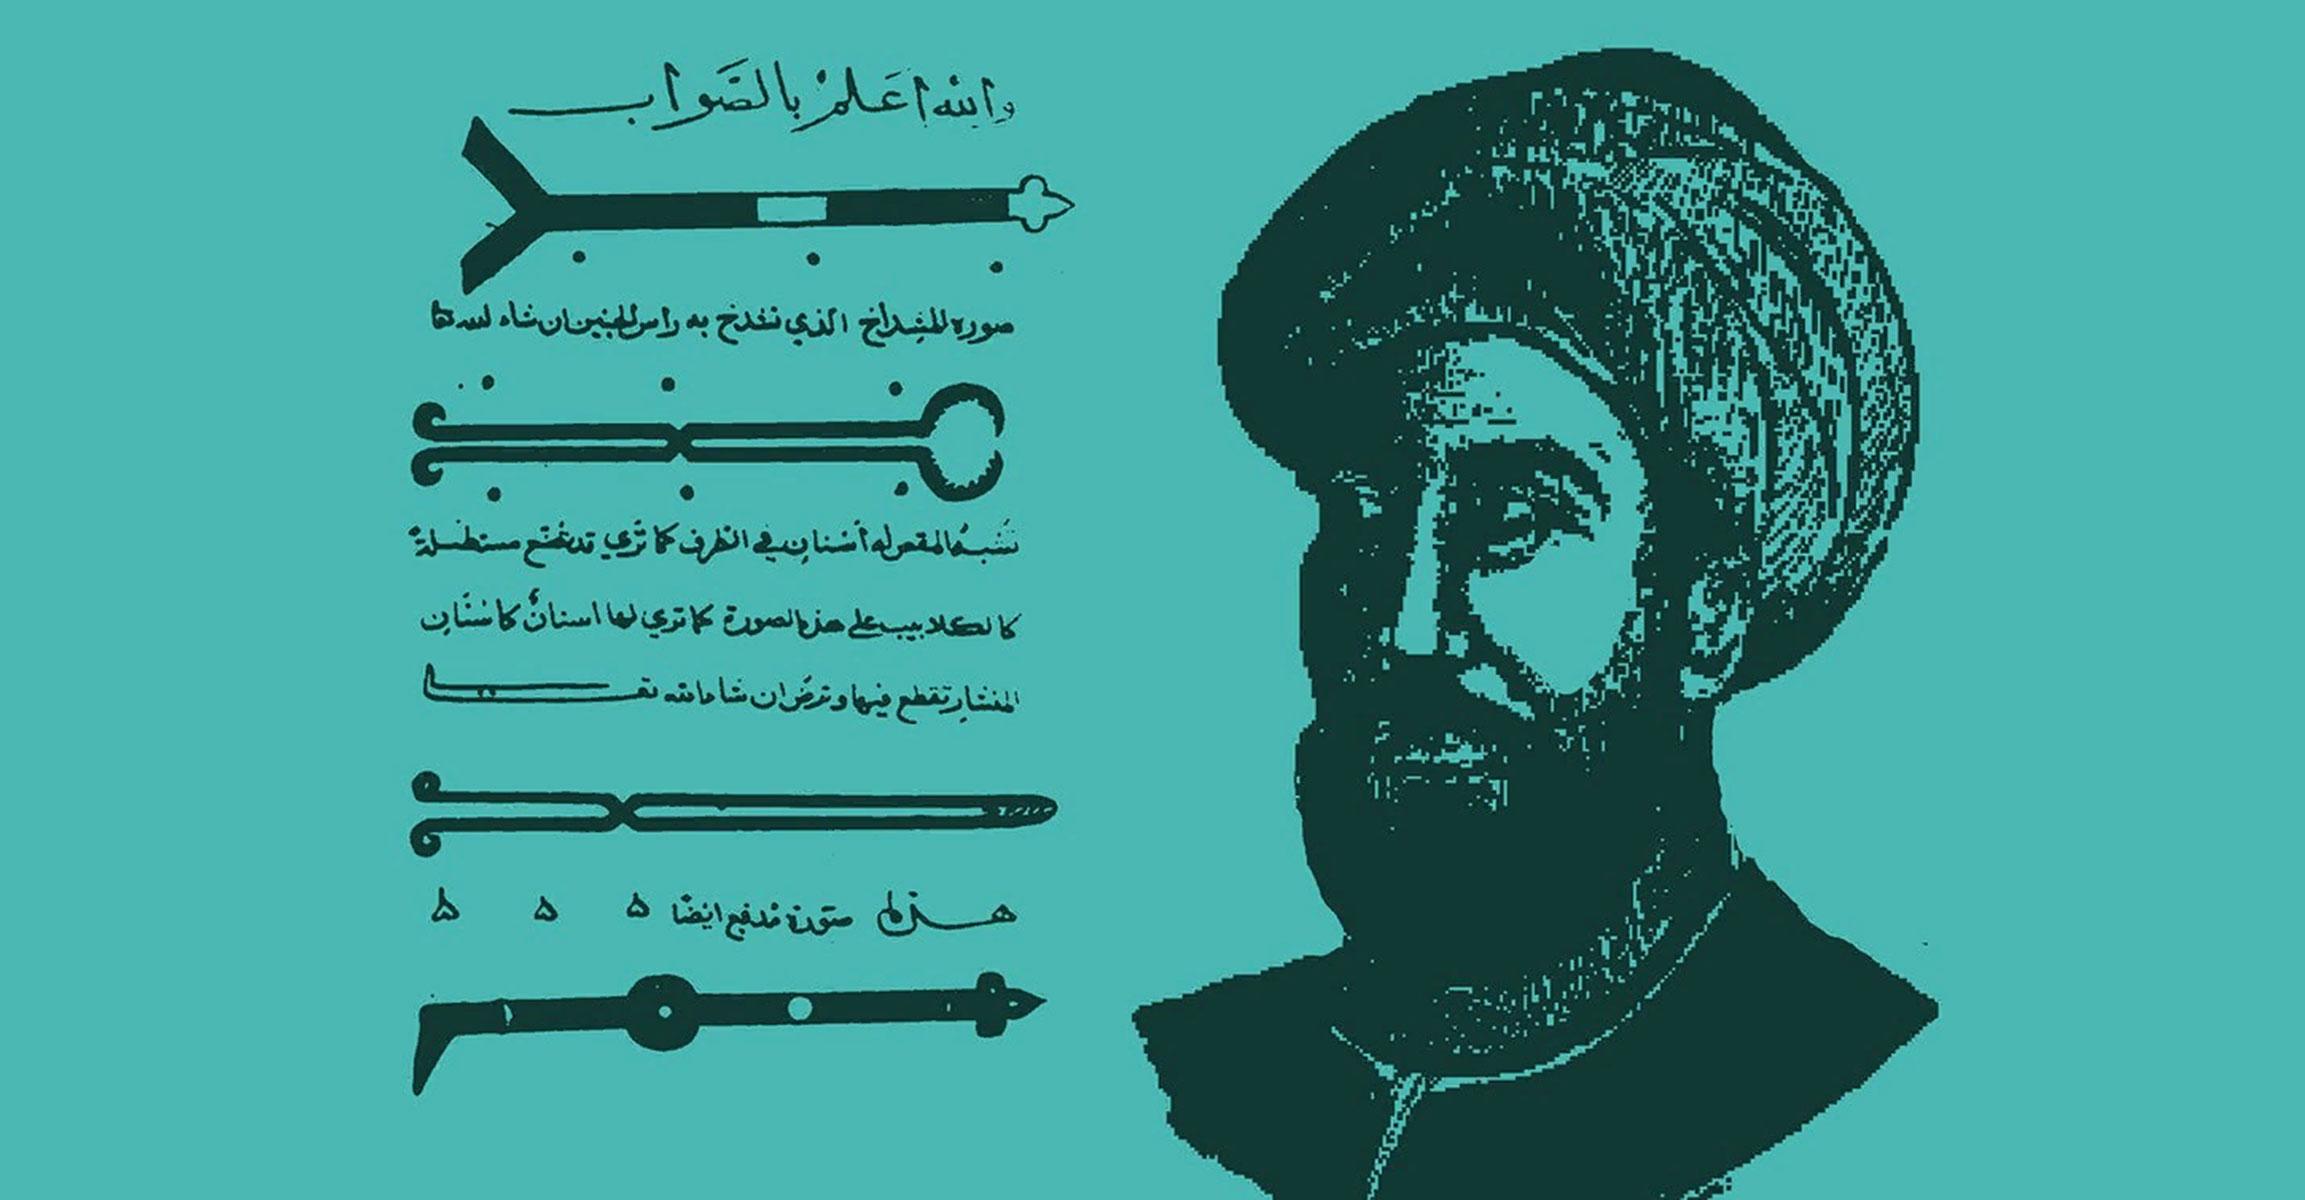 Хирургические инструменты аль-Захрави